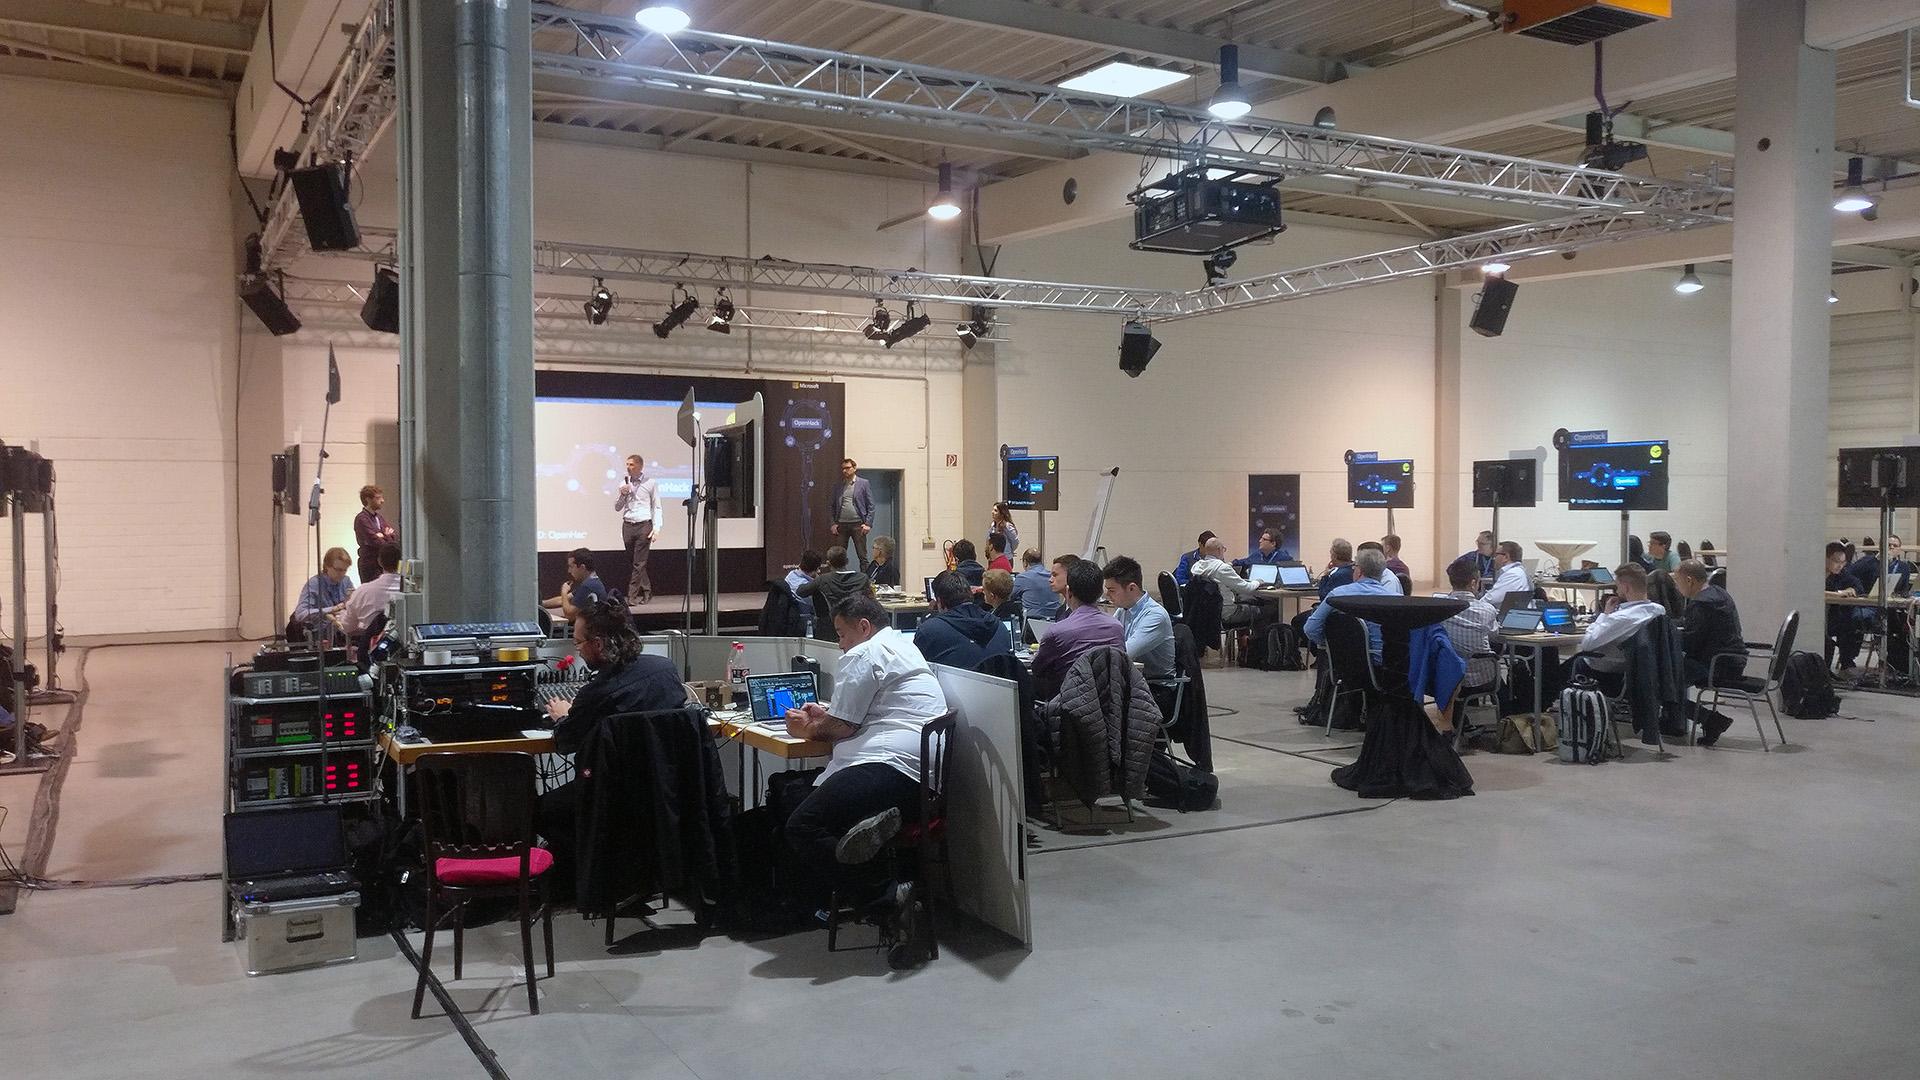 Media Digital - Microsoft in der Goldsteinhalle in Frankfurt. Ihr Full Service Partner für Professionelle Konferenztechnik